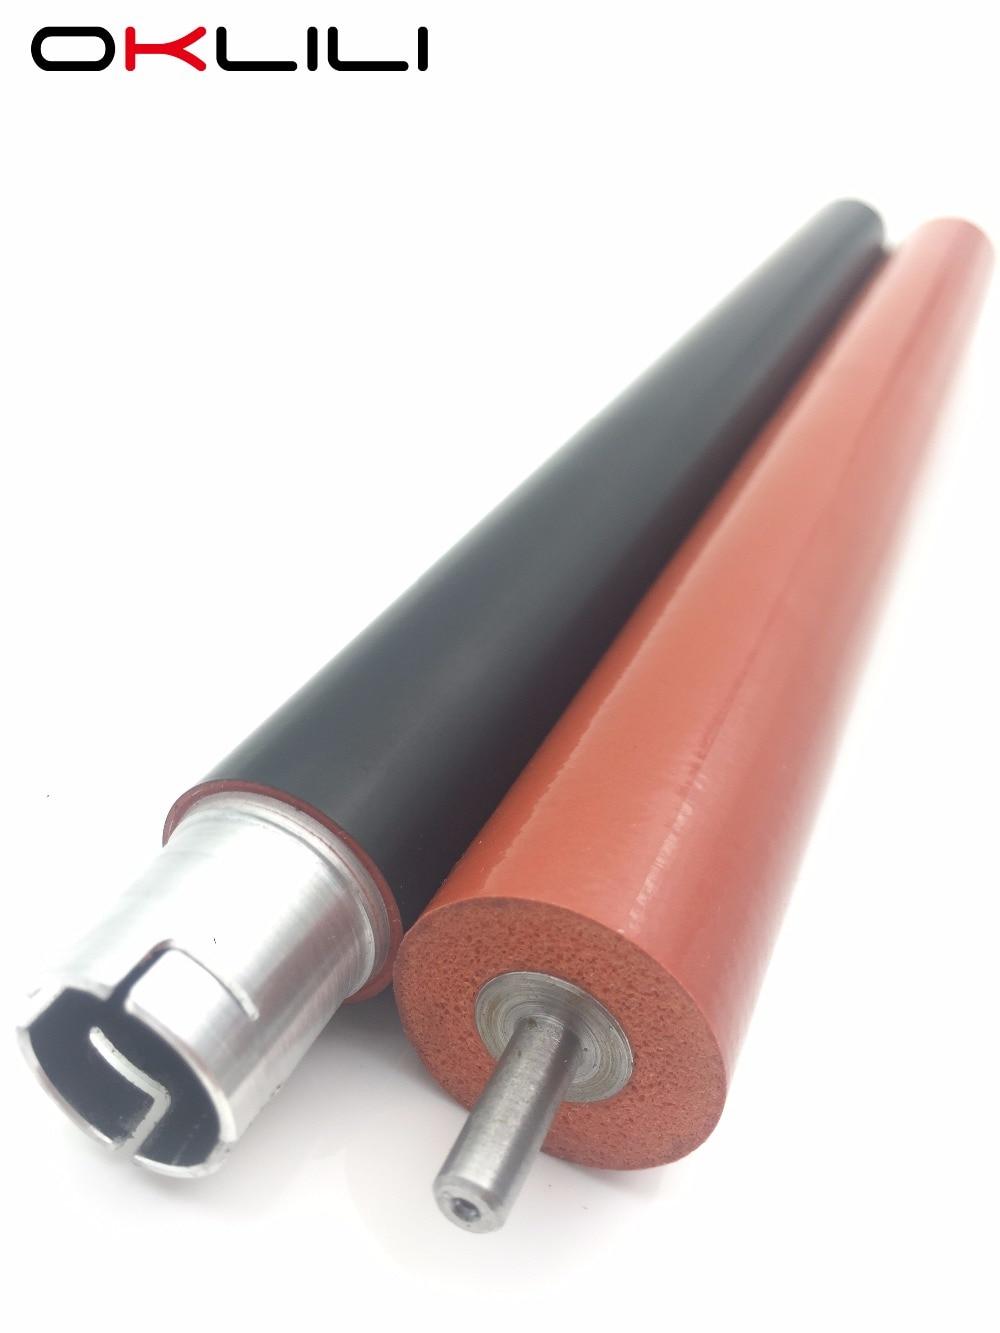 JAPAN LY6754001 Warmte Bovenste Fuser Roller + lagere druk roller voor Brother HL3140 HL3170 MFC9130 MFC9330 MFC9340 HL3150 MFC9140